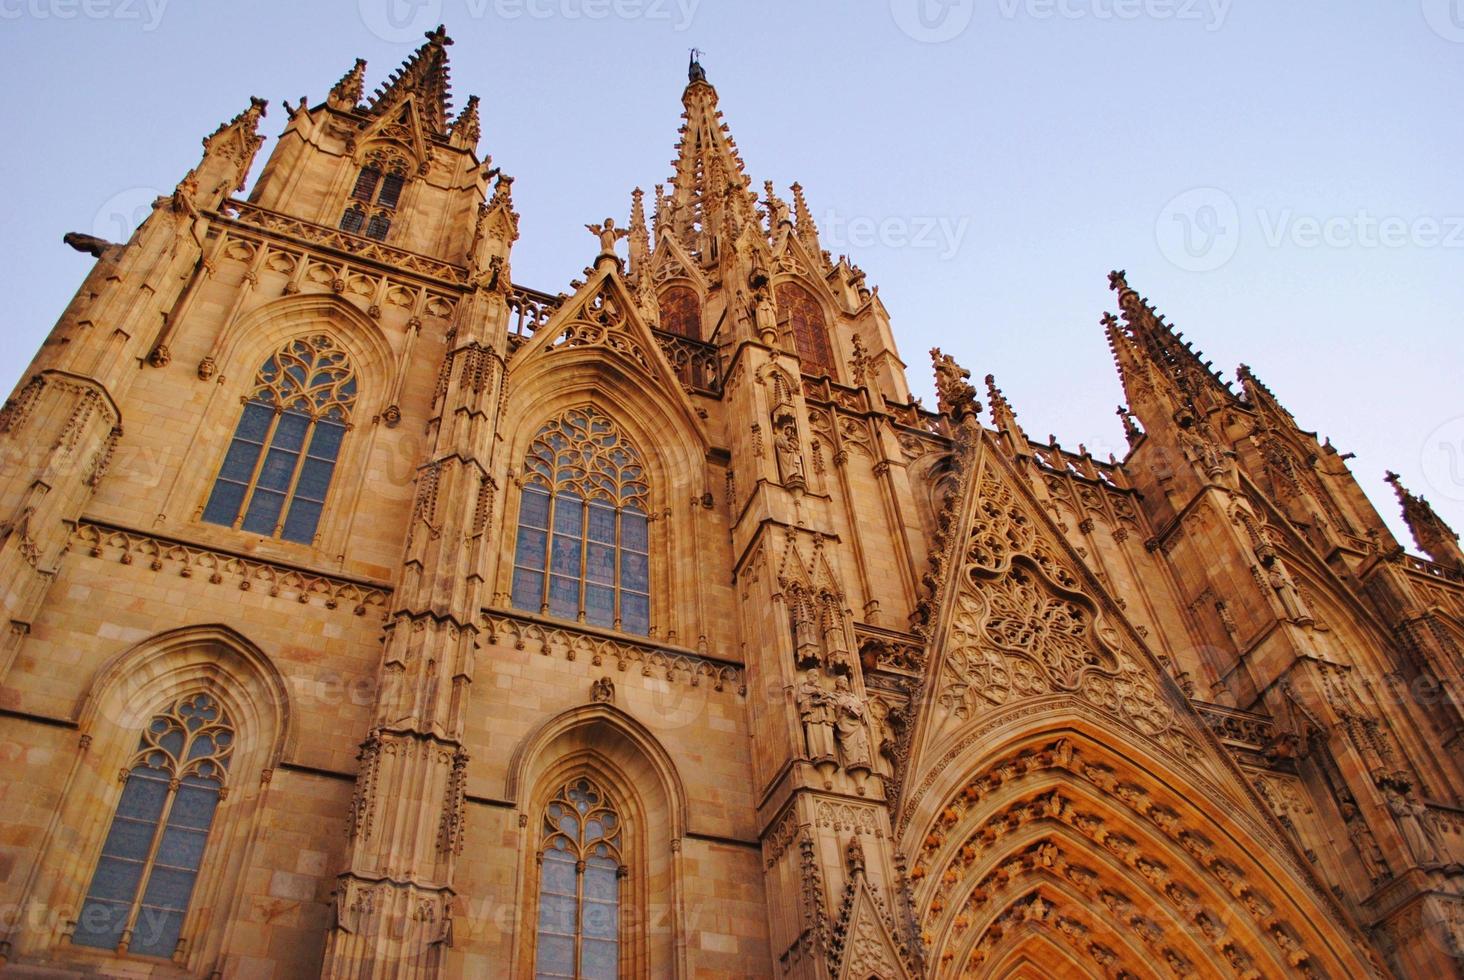 gotische architectuur, de kathedraal van barcelona foto